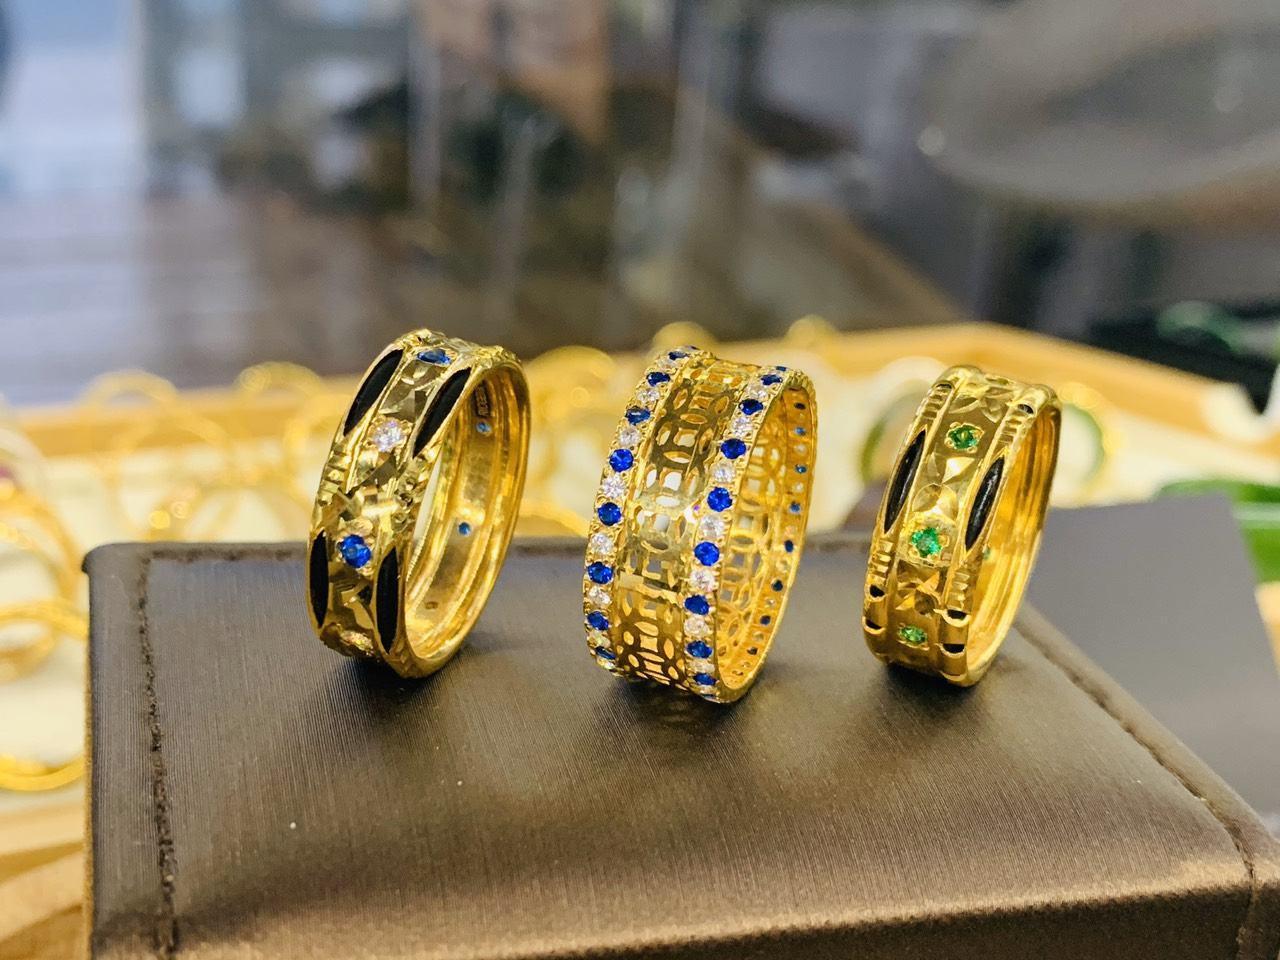 Nhẫn Kim Tiền vàng chạy 2 hàng đá xanh dương trắng hợp MỘC – THỦY